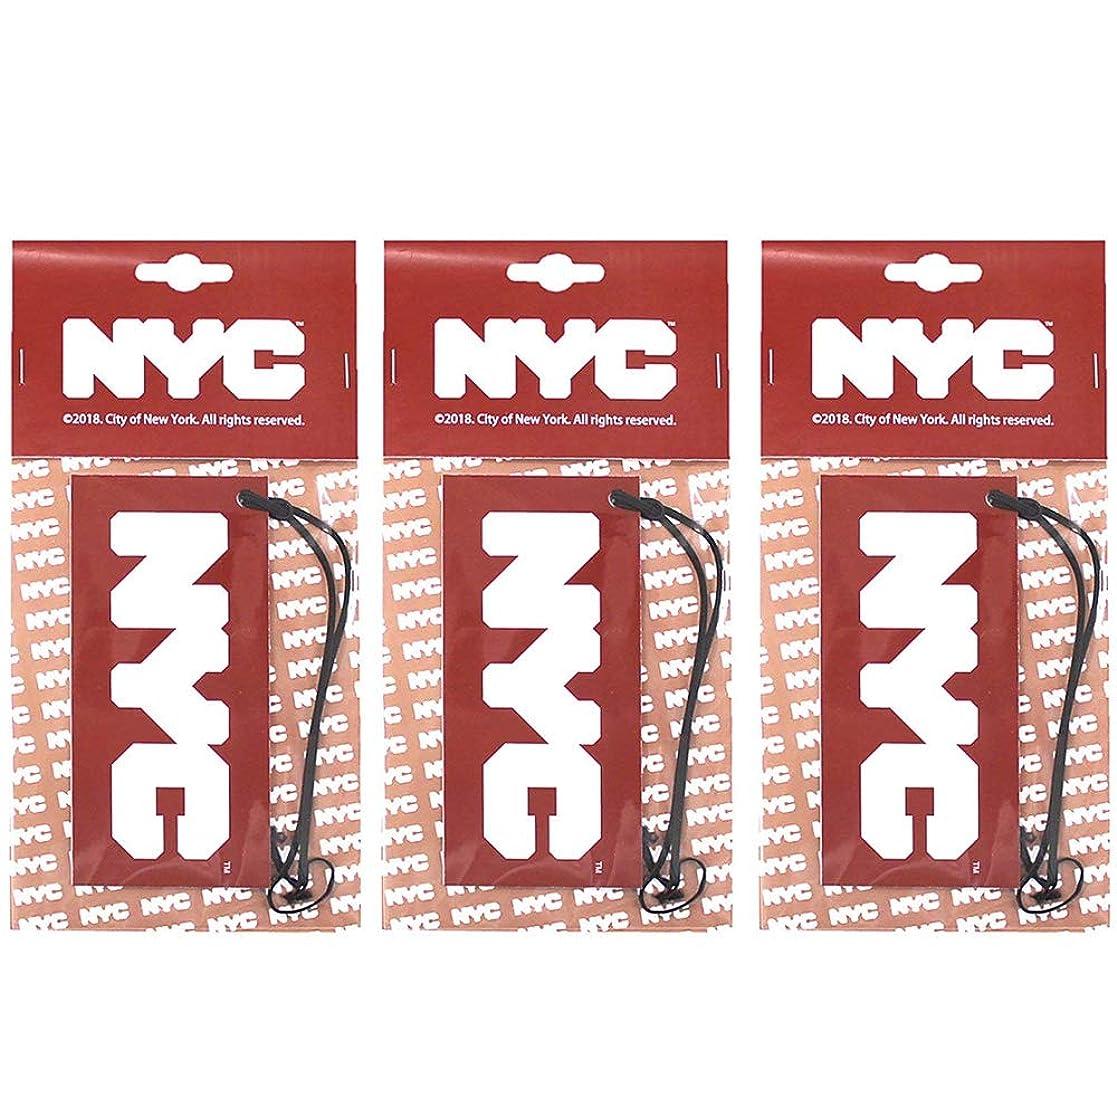 活性化する道徳浴室NYC ルームフレグランス エアーフレッシュナー 吊り下げ型 ロゴ ホワイトムスク OA-NYC-1-1 車用芳香剤 (3)